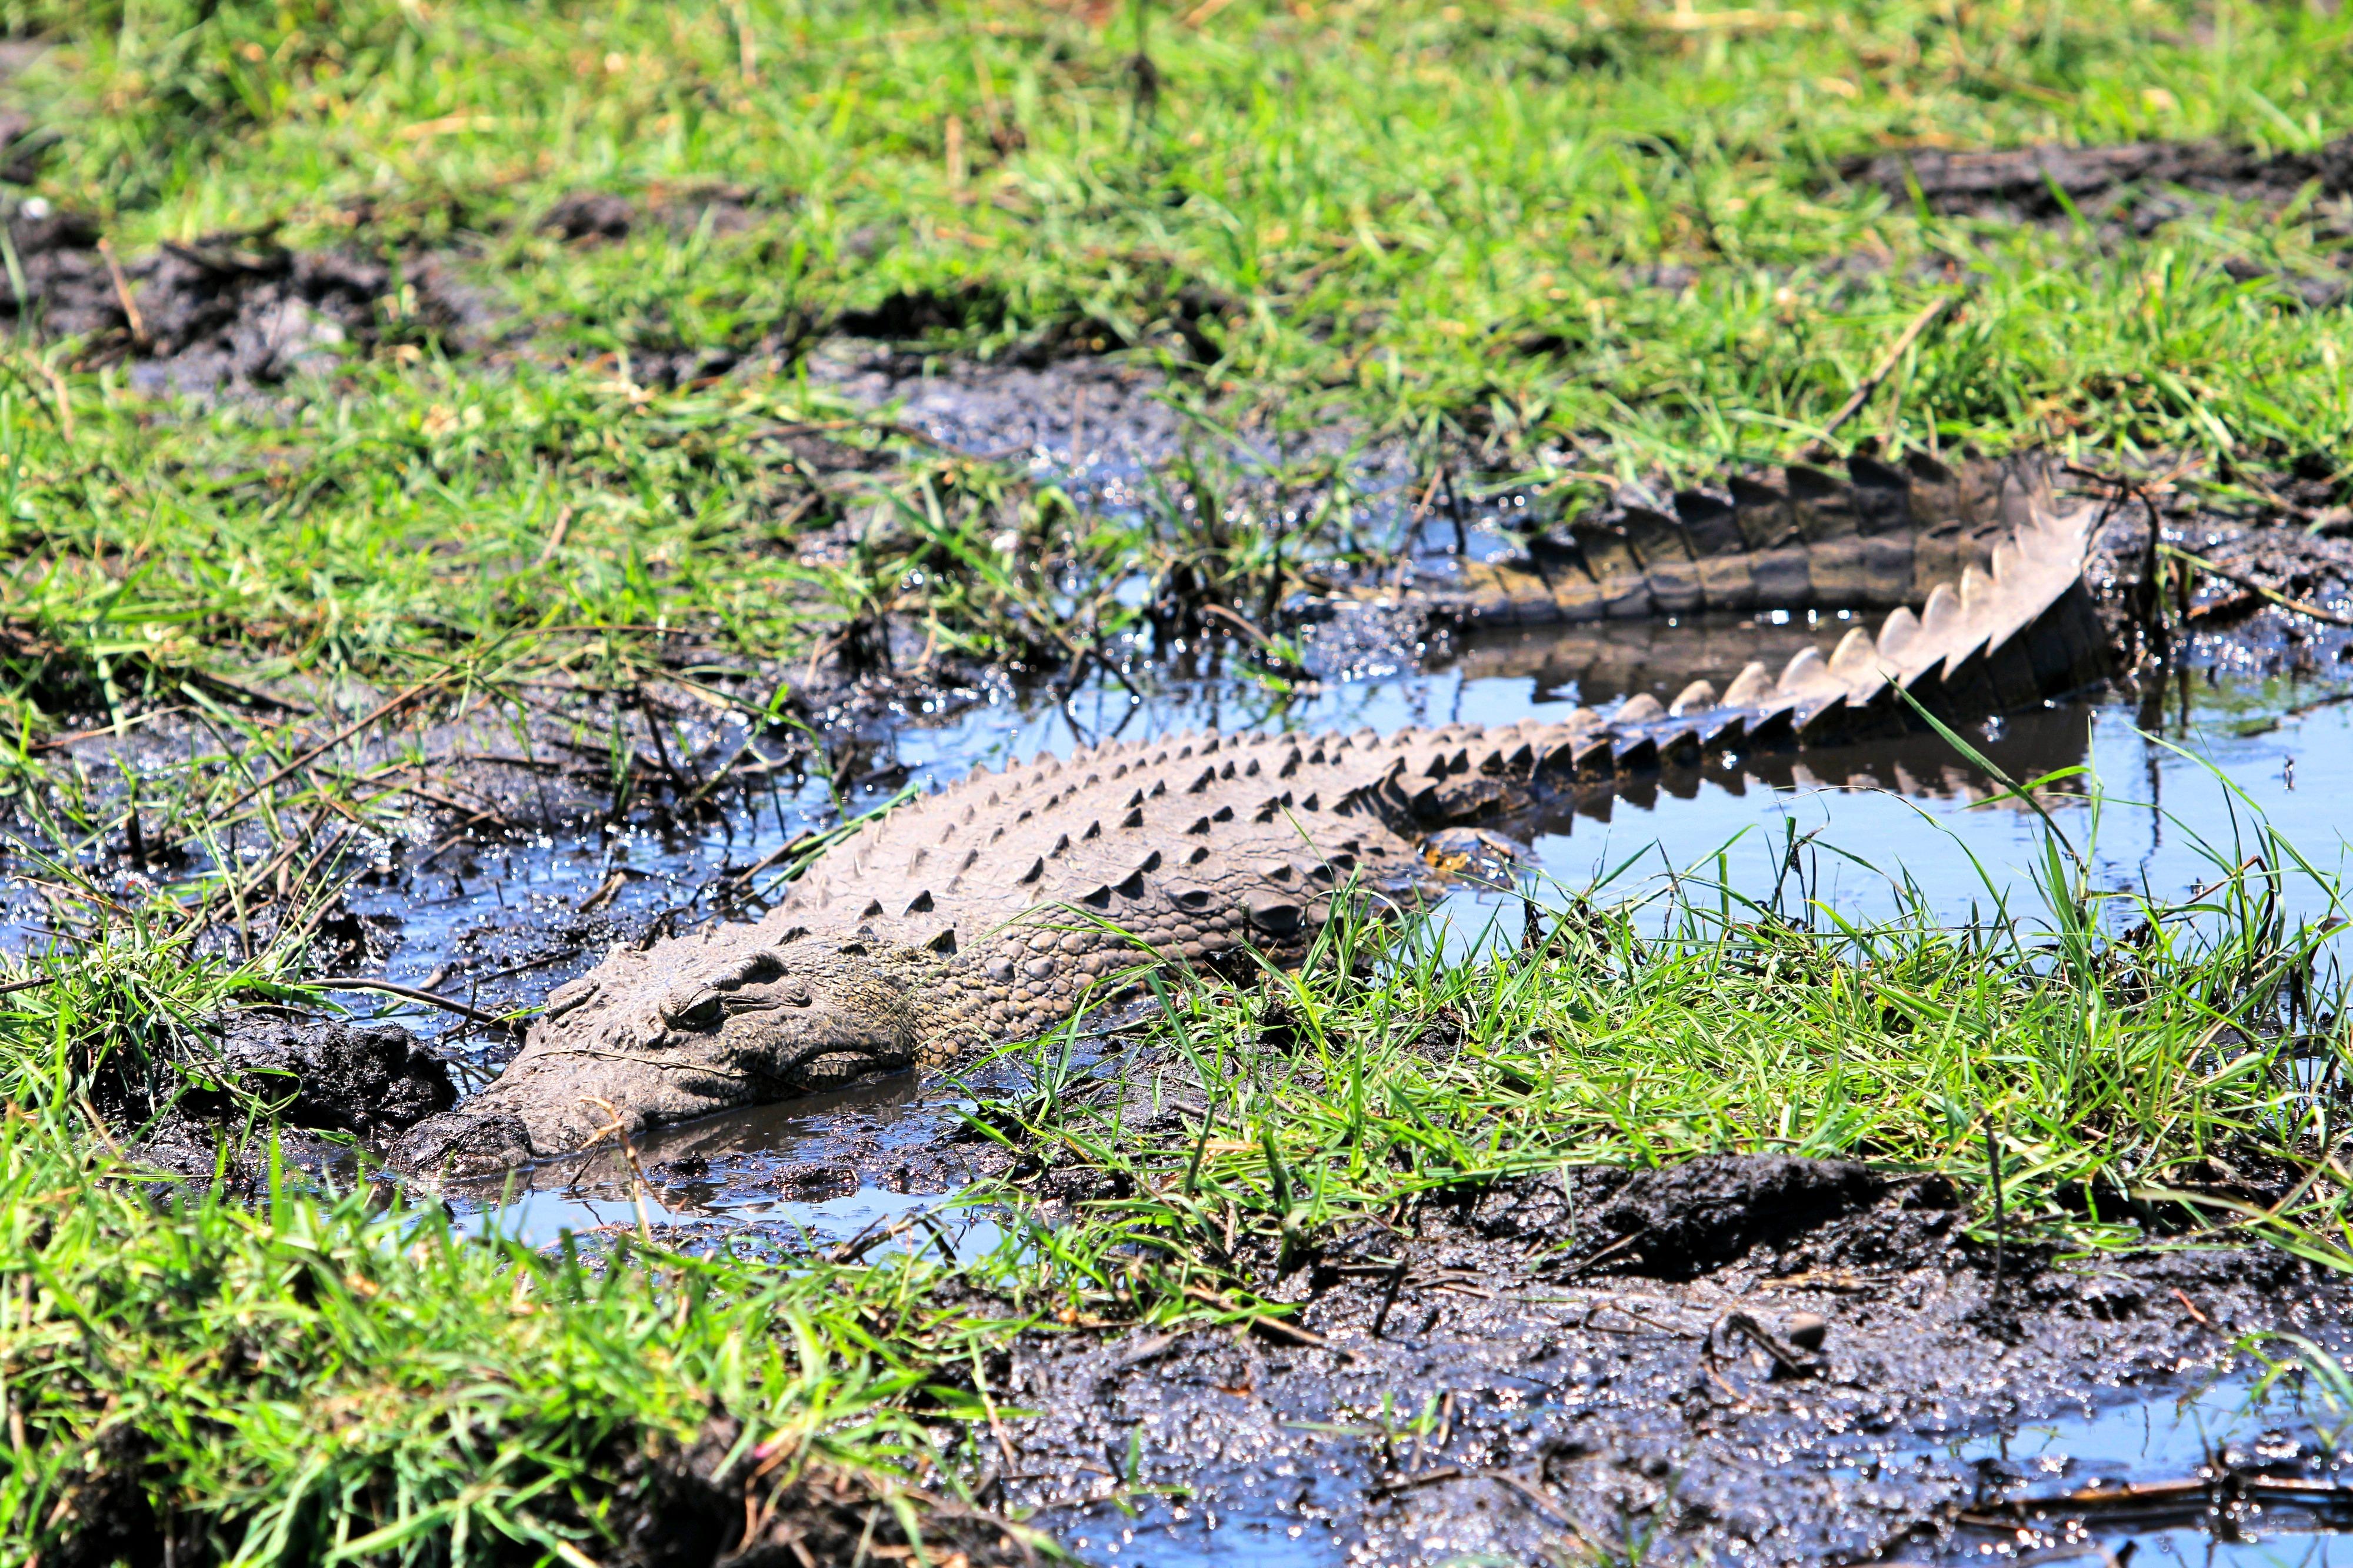 Finger lieber nicht ins Wasser halten - hier gibt es Krokodile.